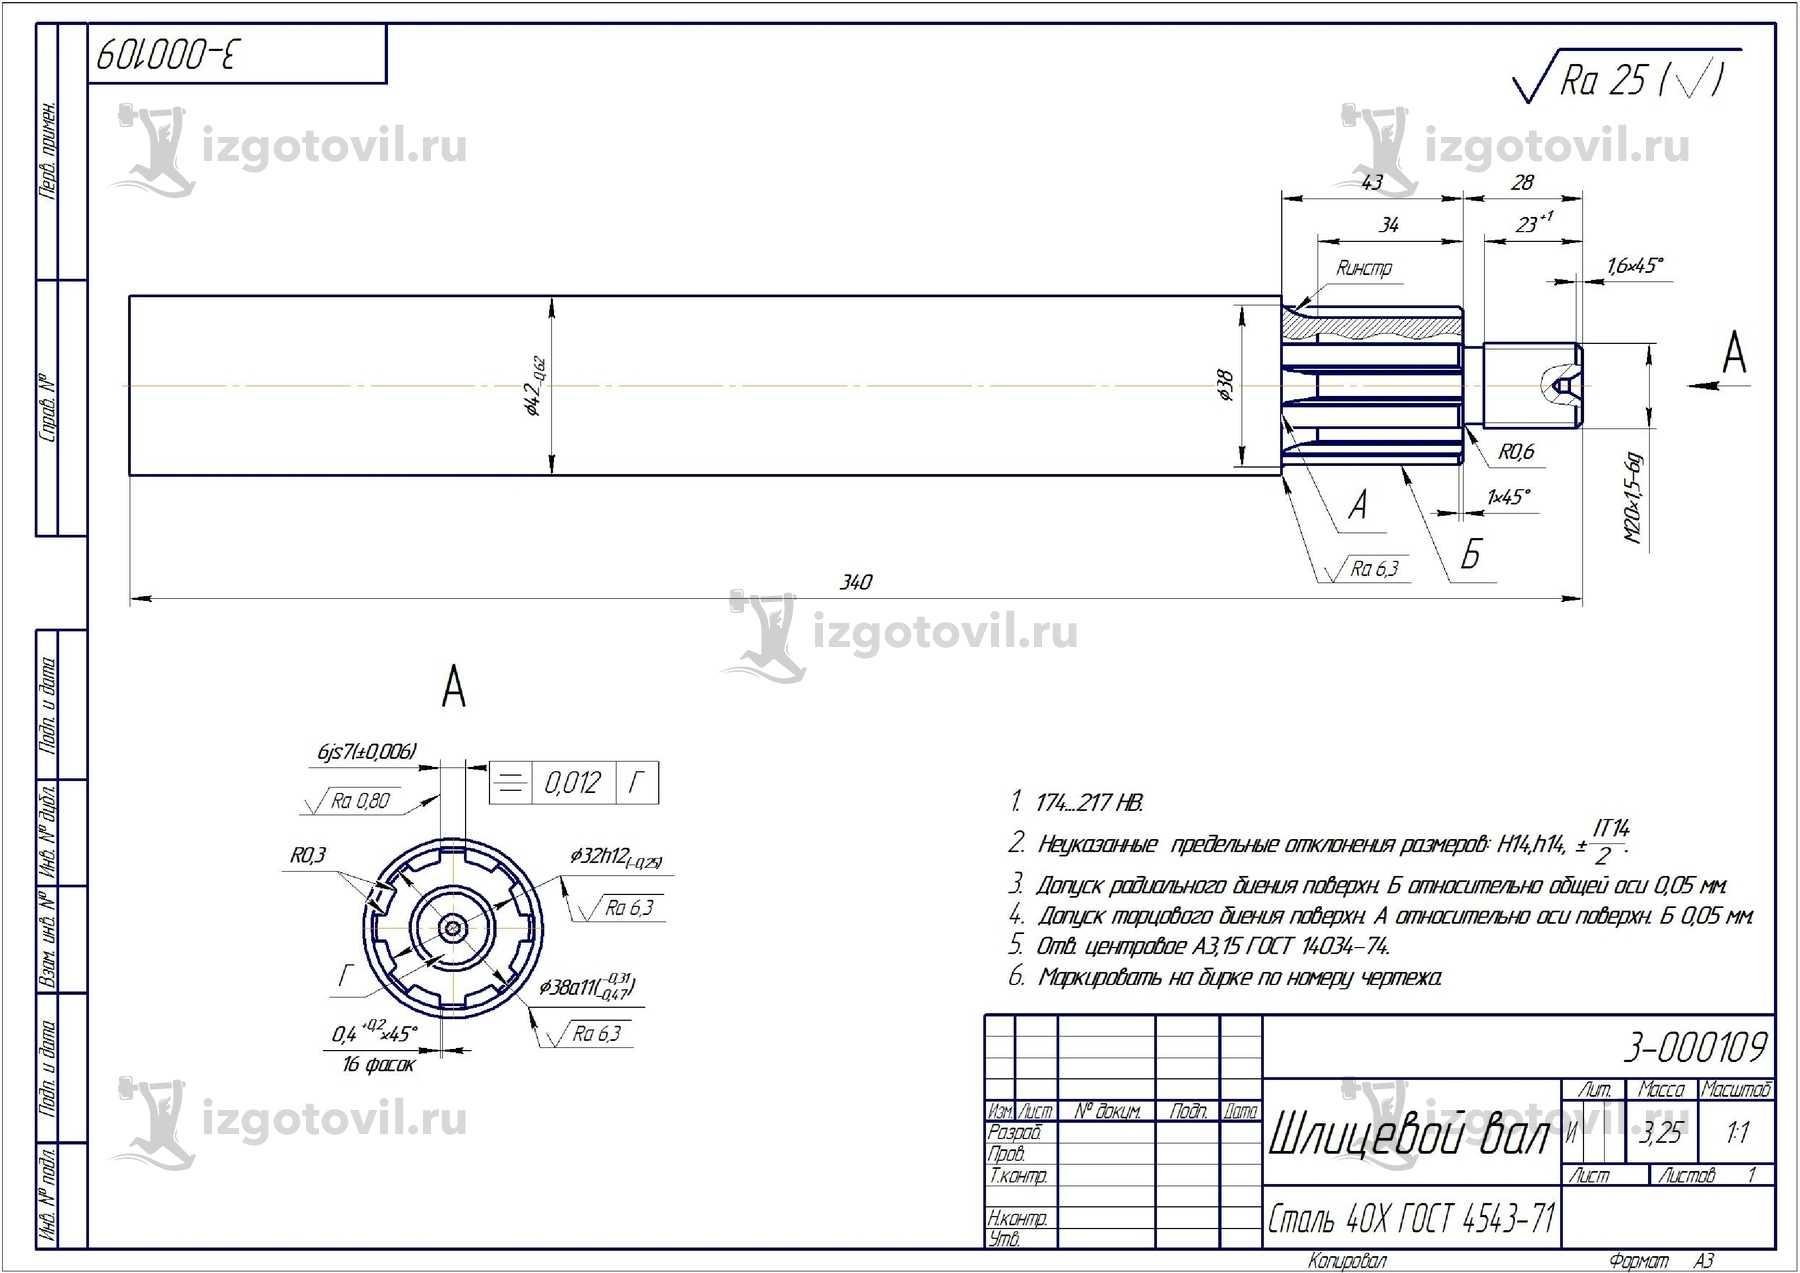 Металлообработка: изготовление шлицевого вала и втулки